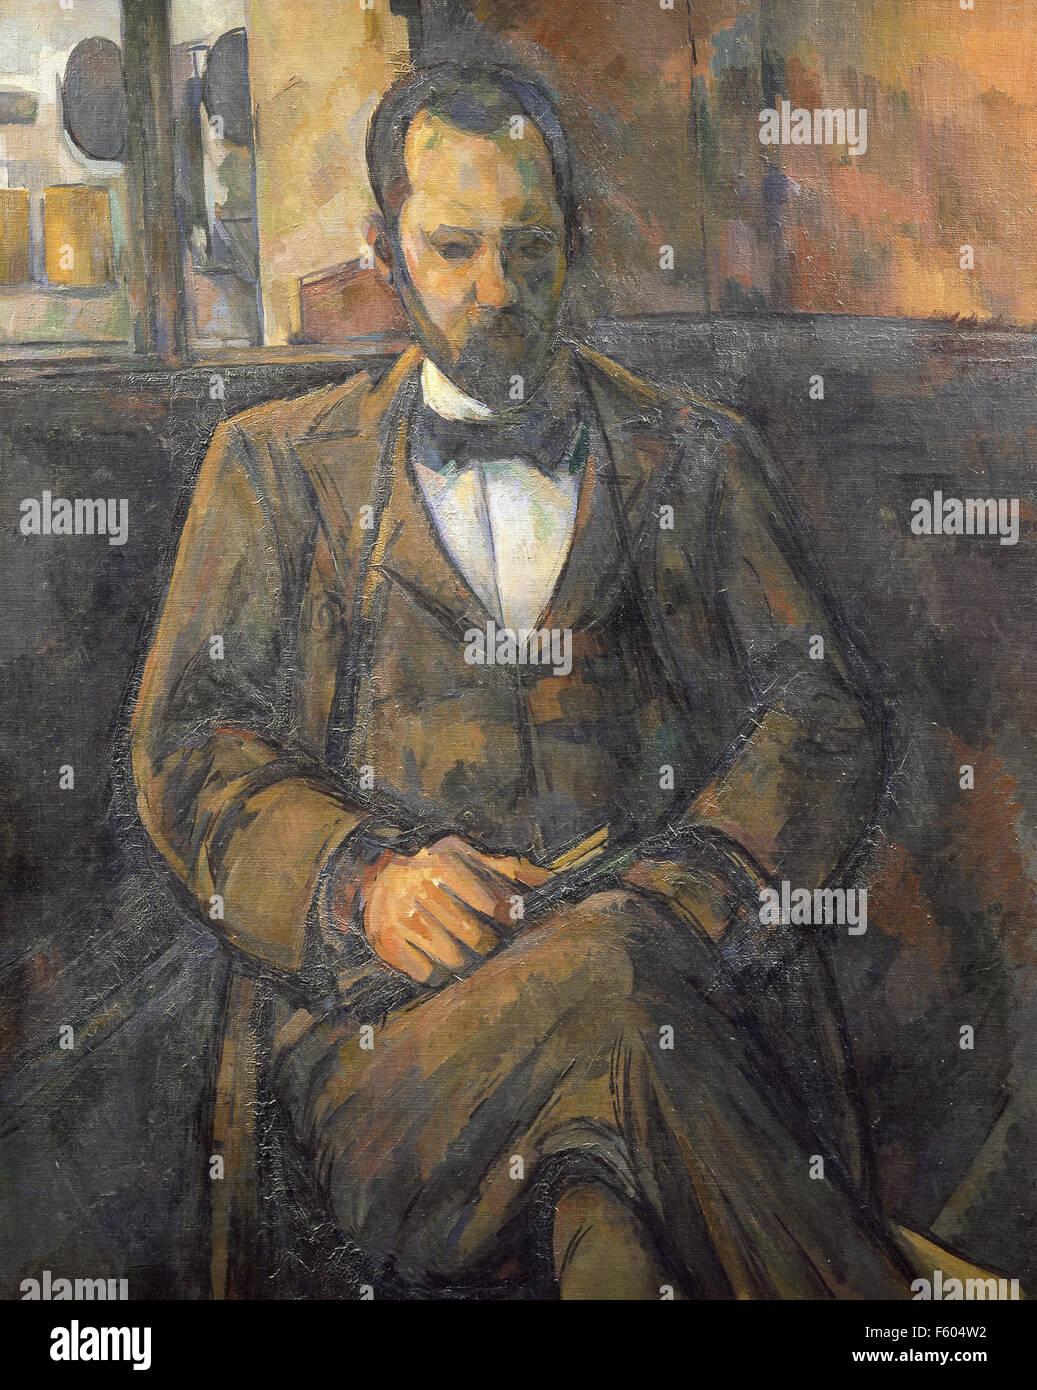 Paul Cézanne - Portrait of Ambroise Vollard  - 1899 - Stock Image